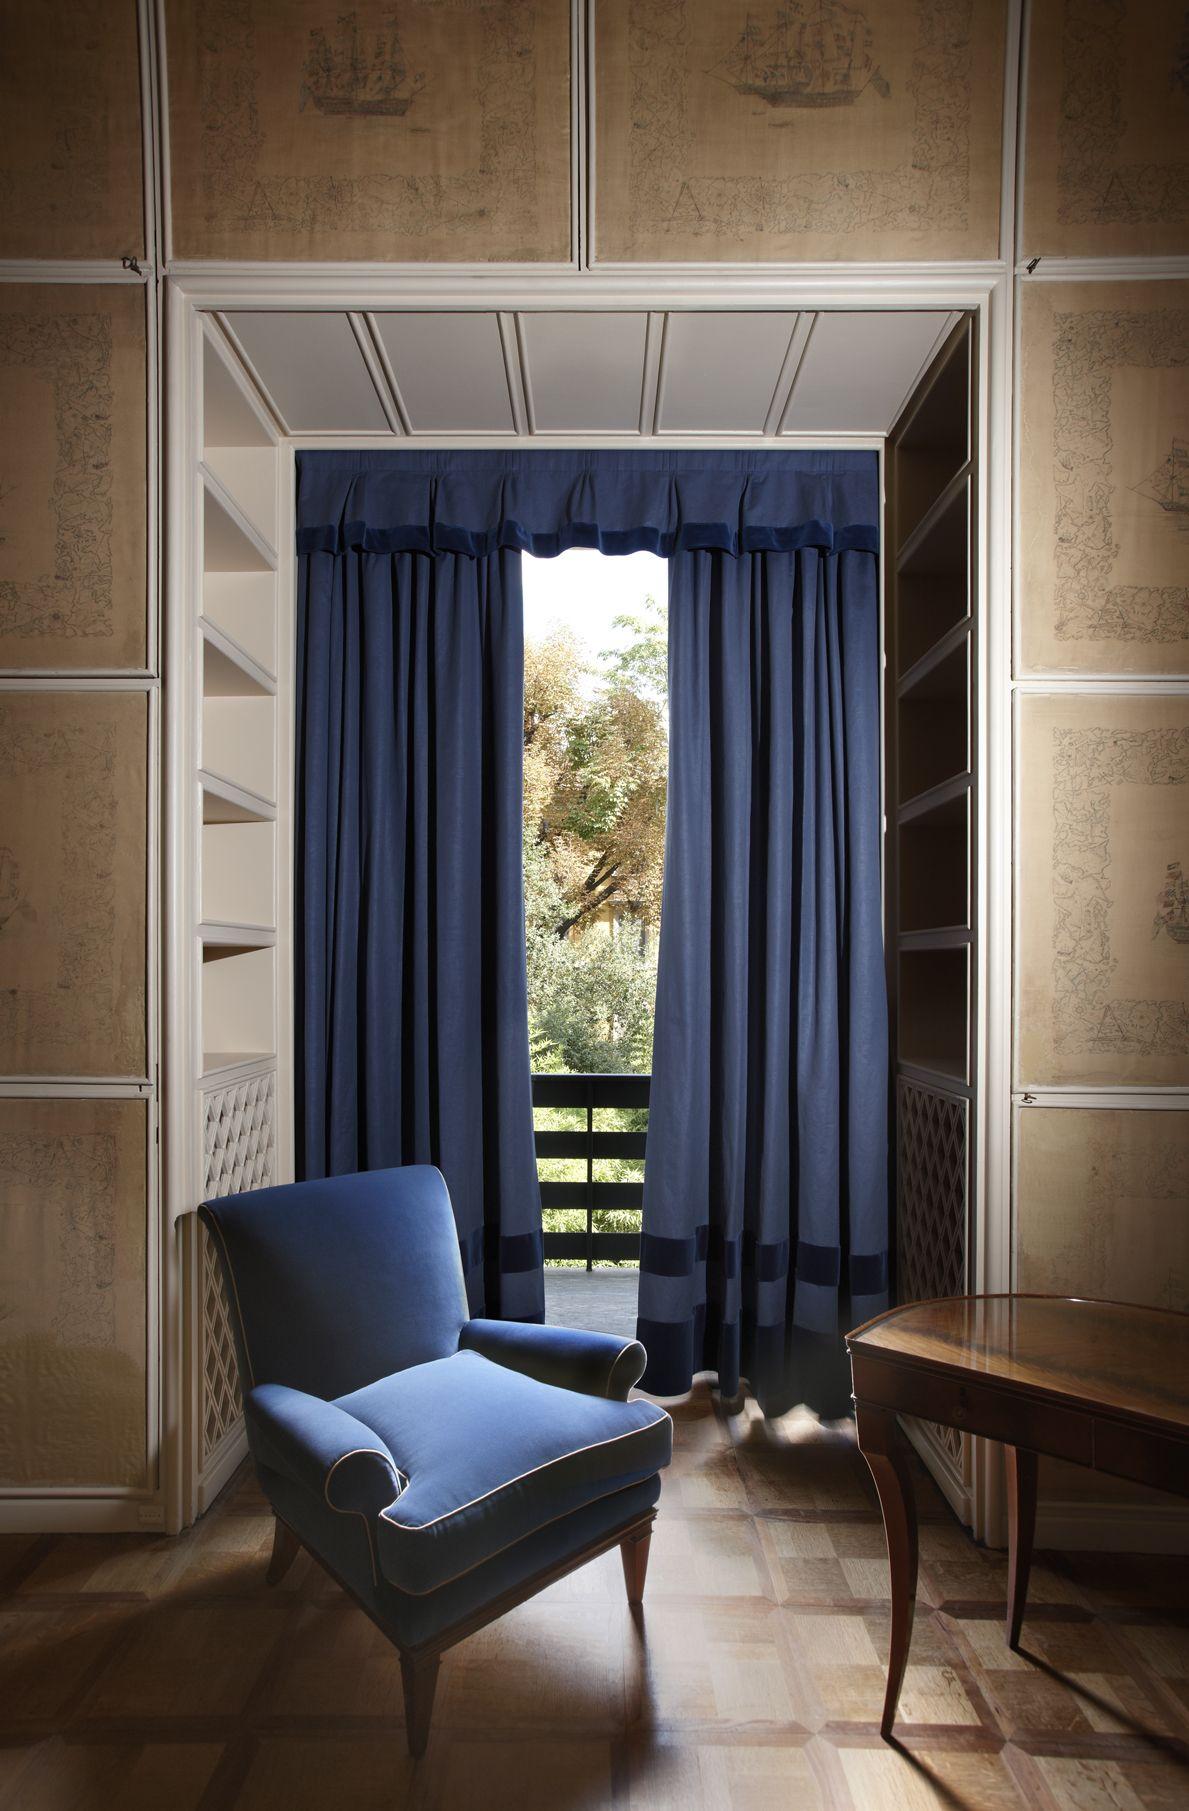 Villa necchi campiglio by piero portaluppi platform - Piero Portaluppi Architetto Villa Necchi Campiglio Milano Interiors Pinterest Villas Interiors And Classic Interior